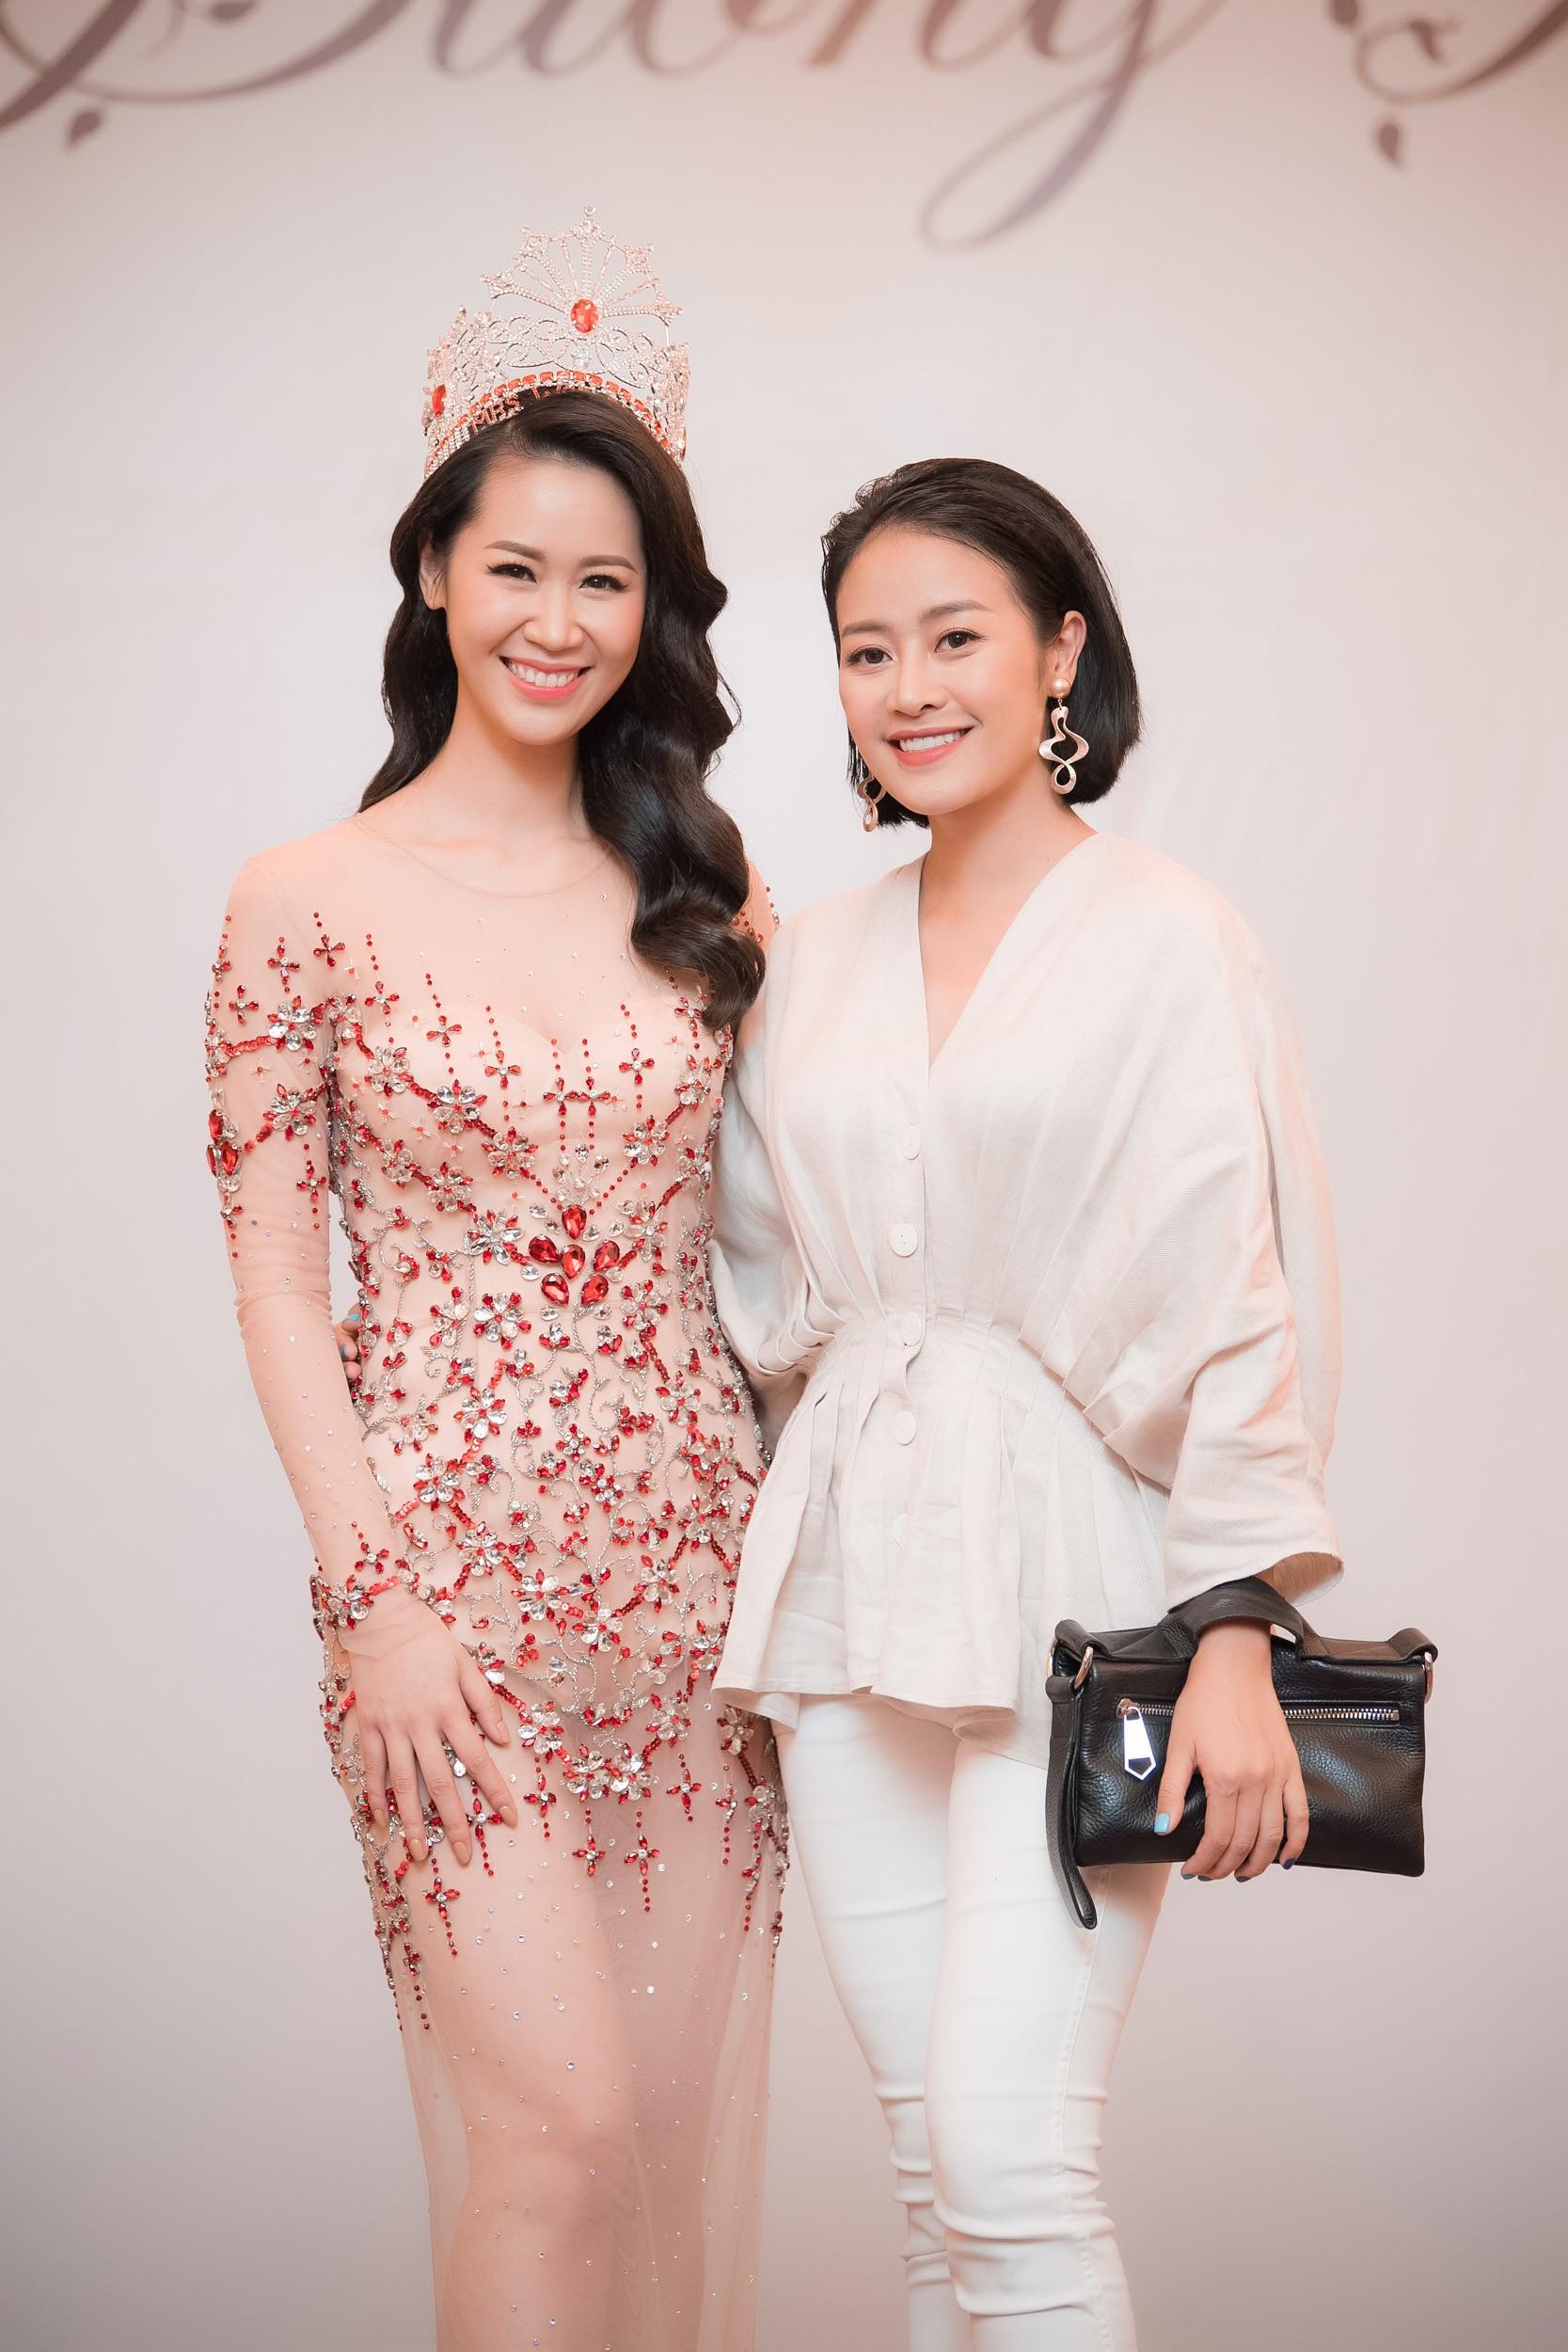 Dương Thùy Linh kể về cái ôm sau cánh gà trước khi được xướng tên Hoa hậu Quý bà toàn thế giới 2018 - Ảnh 14.